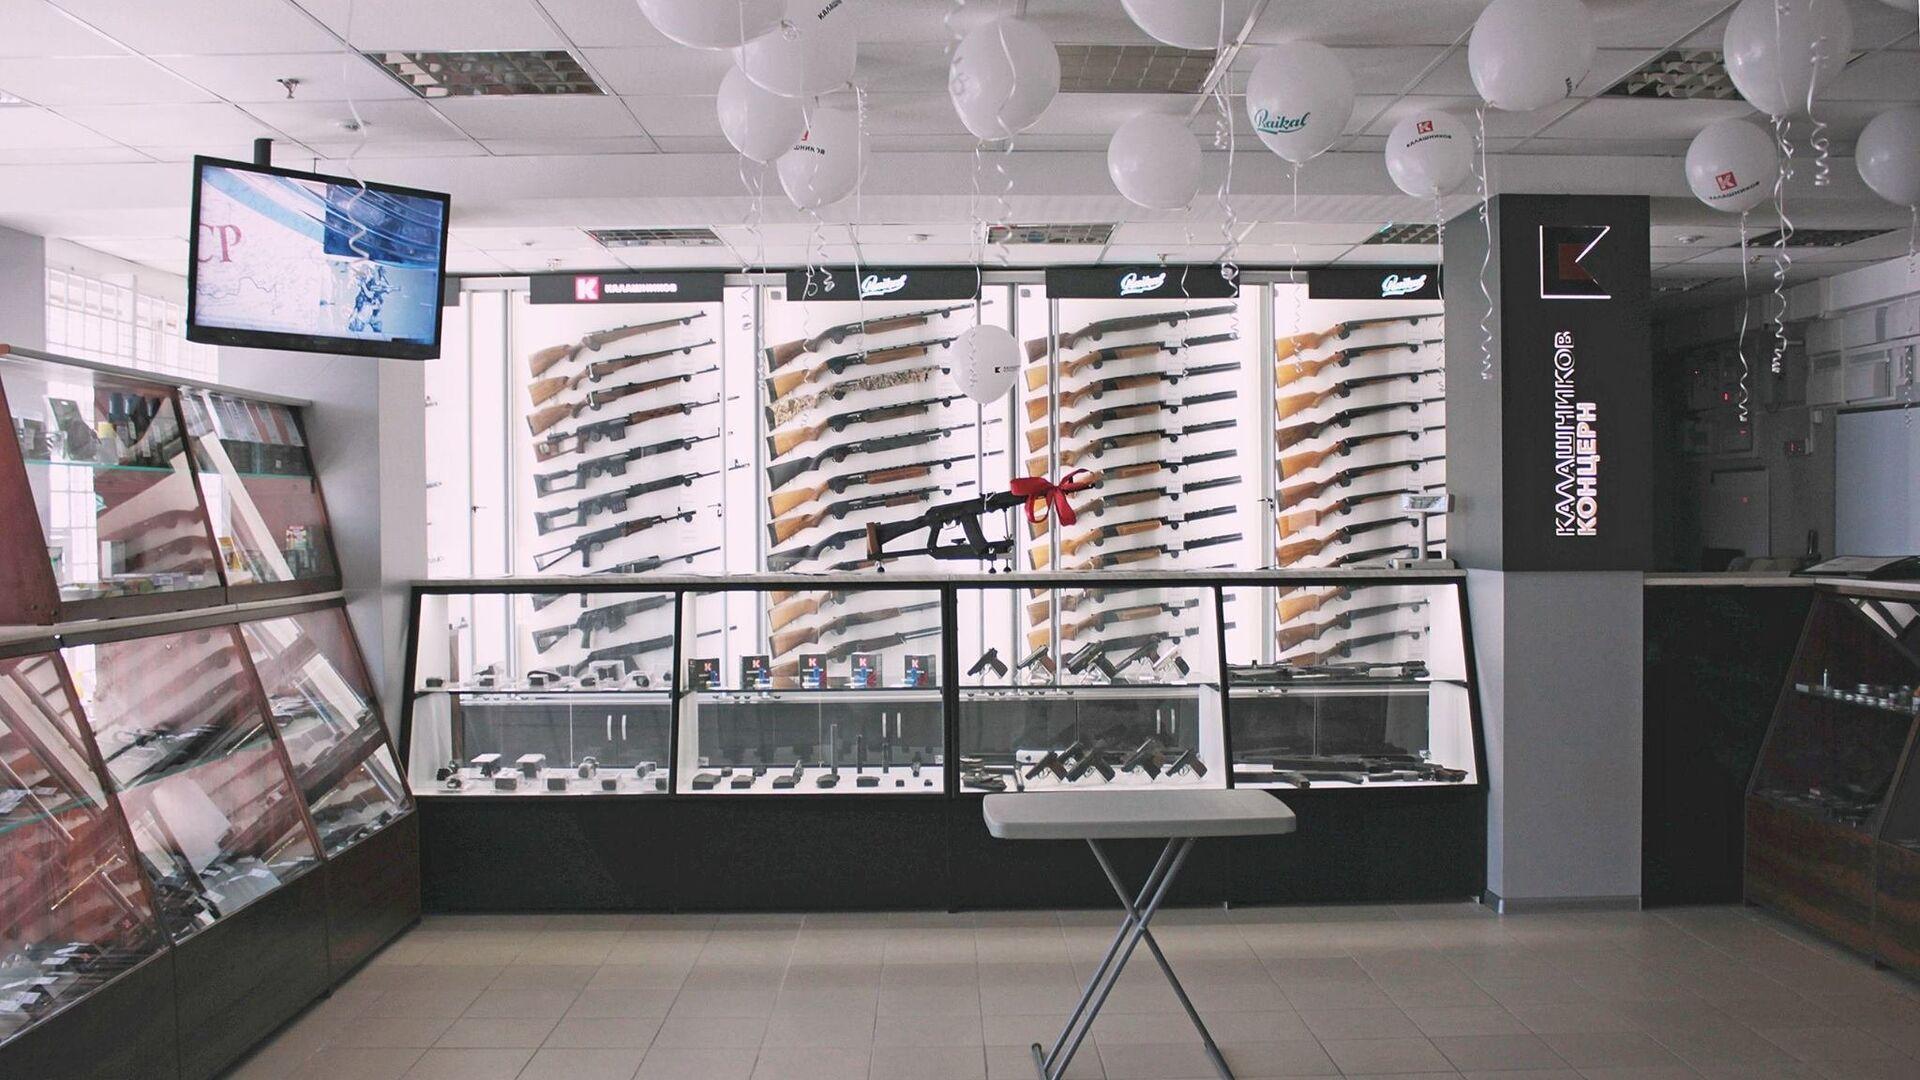 Концерн Калашников открыл первые шесть региональных сервисных центров по обслуживанию гражданского оружия - РИА Новости, 1920, 22.09.2021